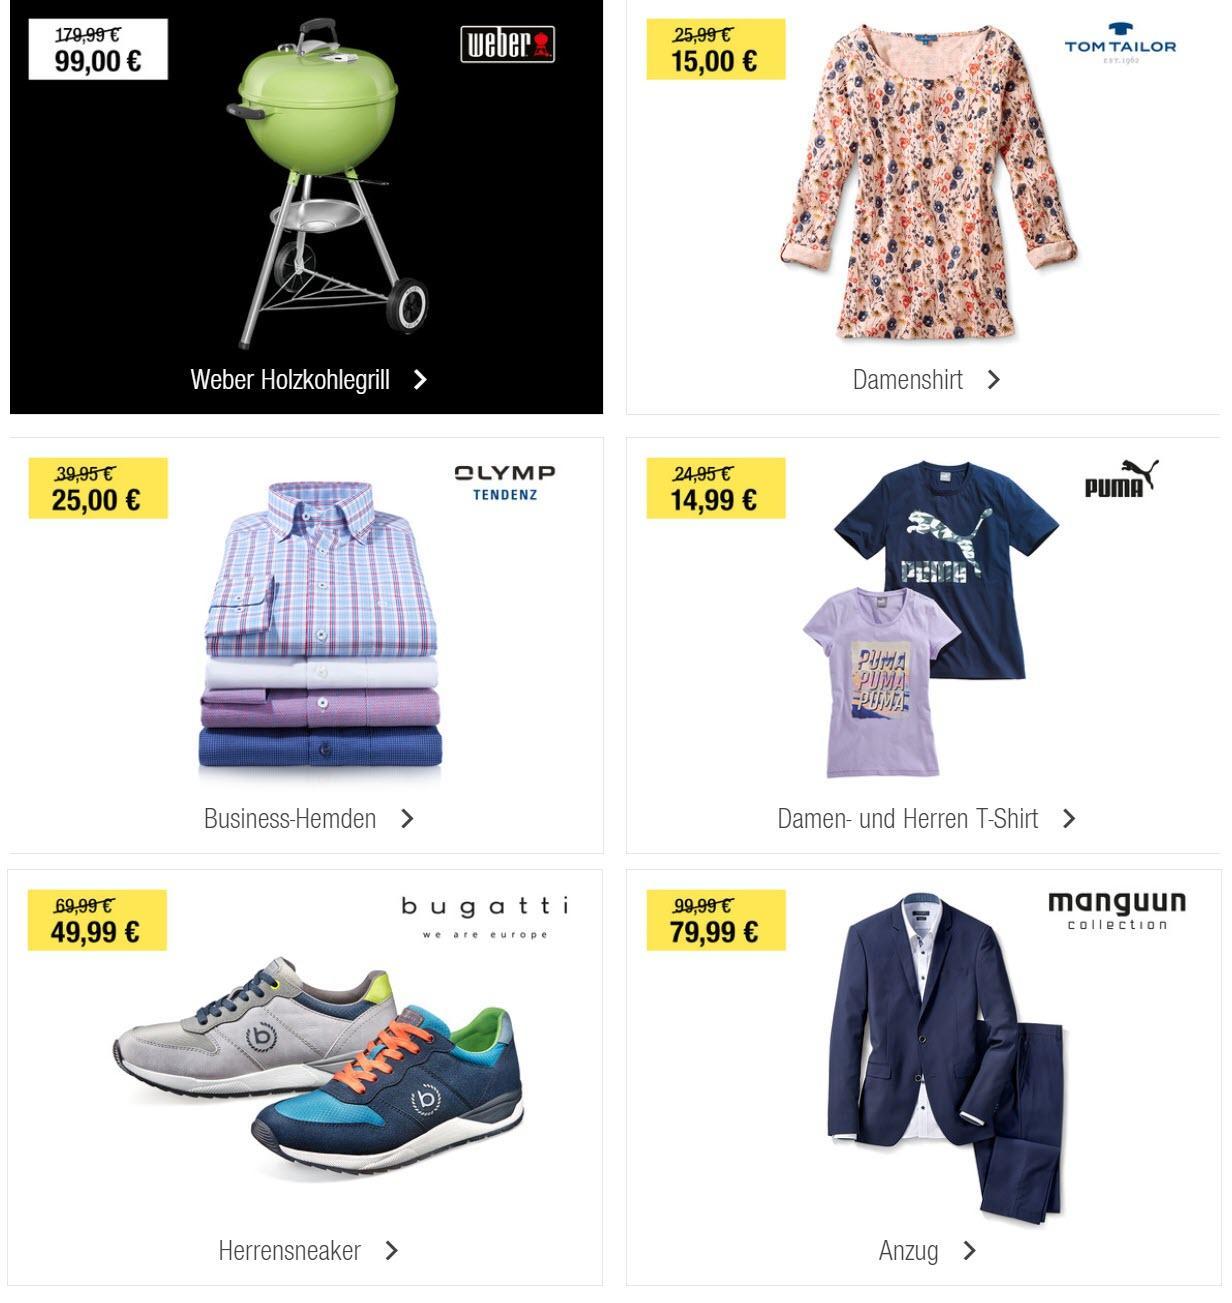 Брендовая одежда и обувь Скидки до 50% из магазина GALERIA (Германия)